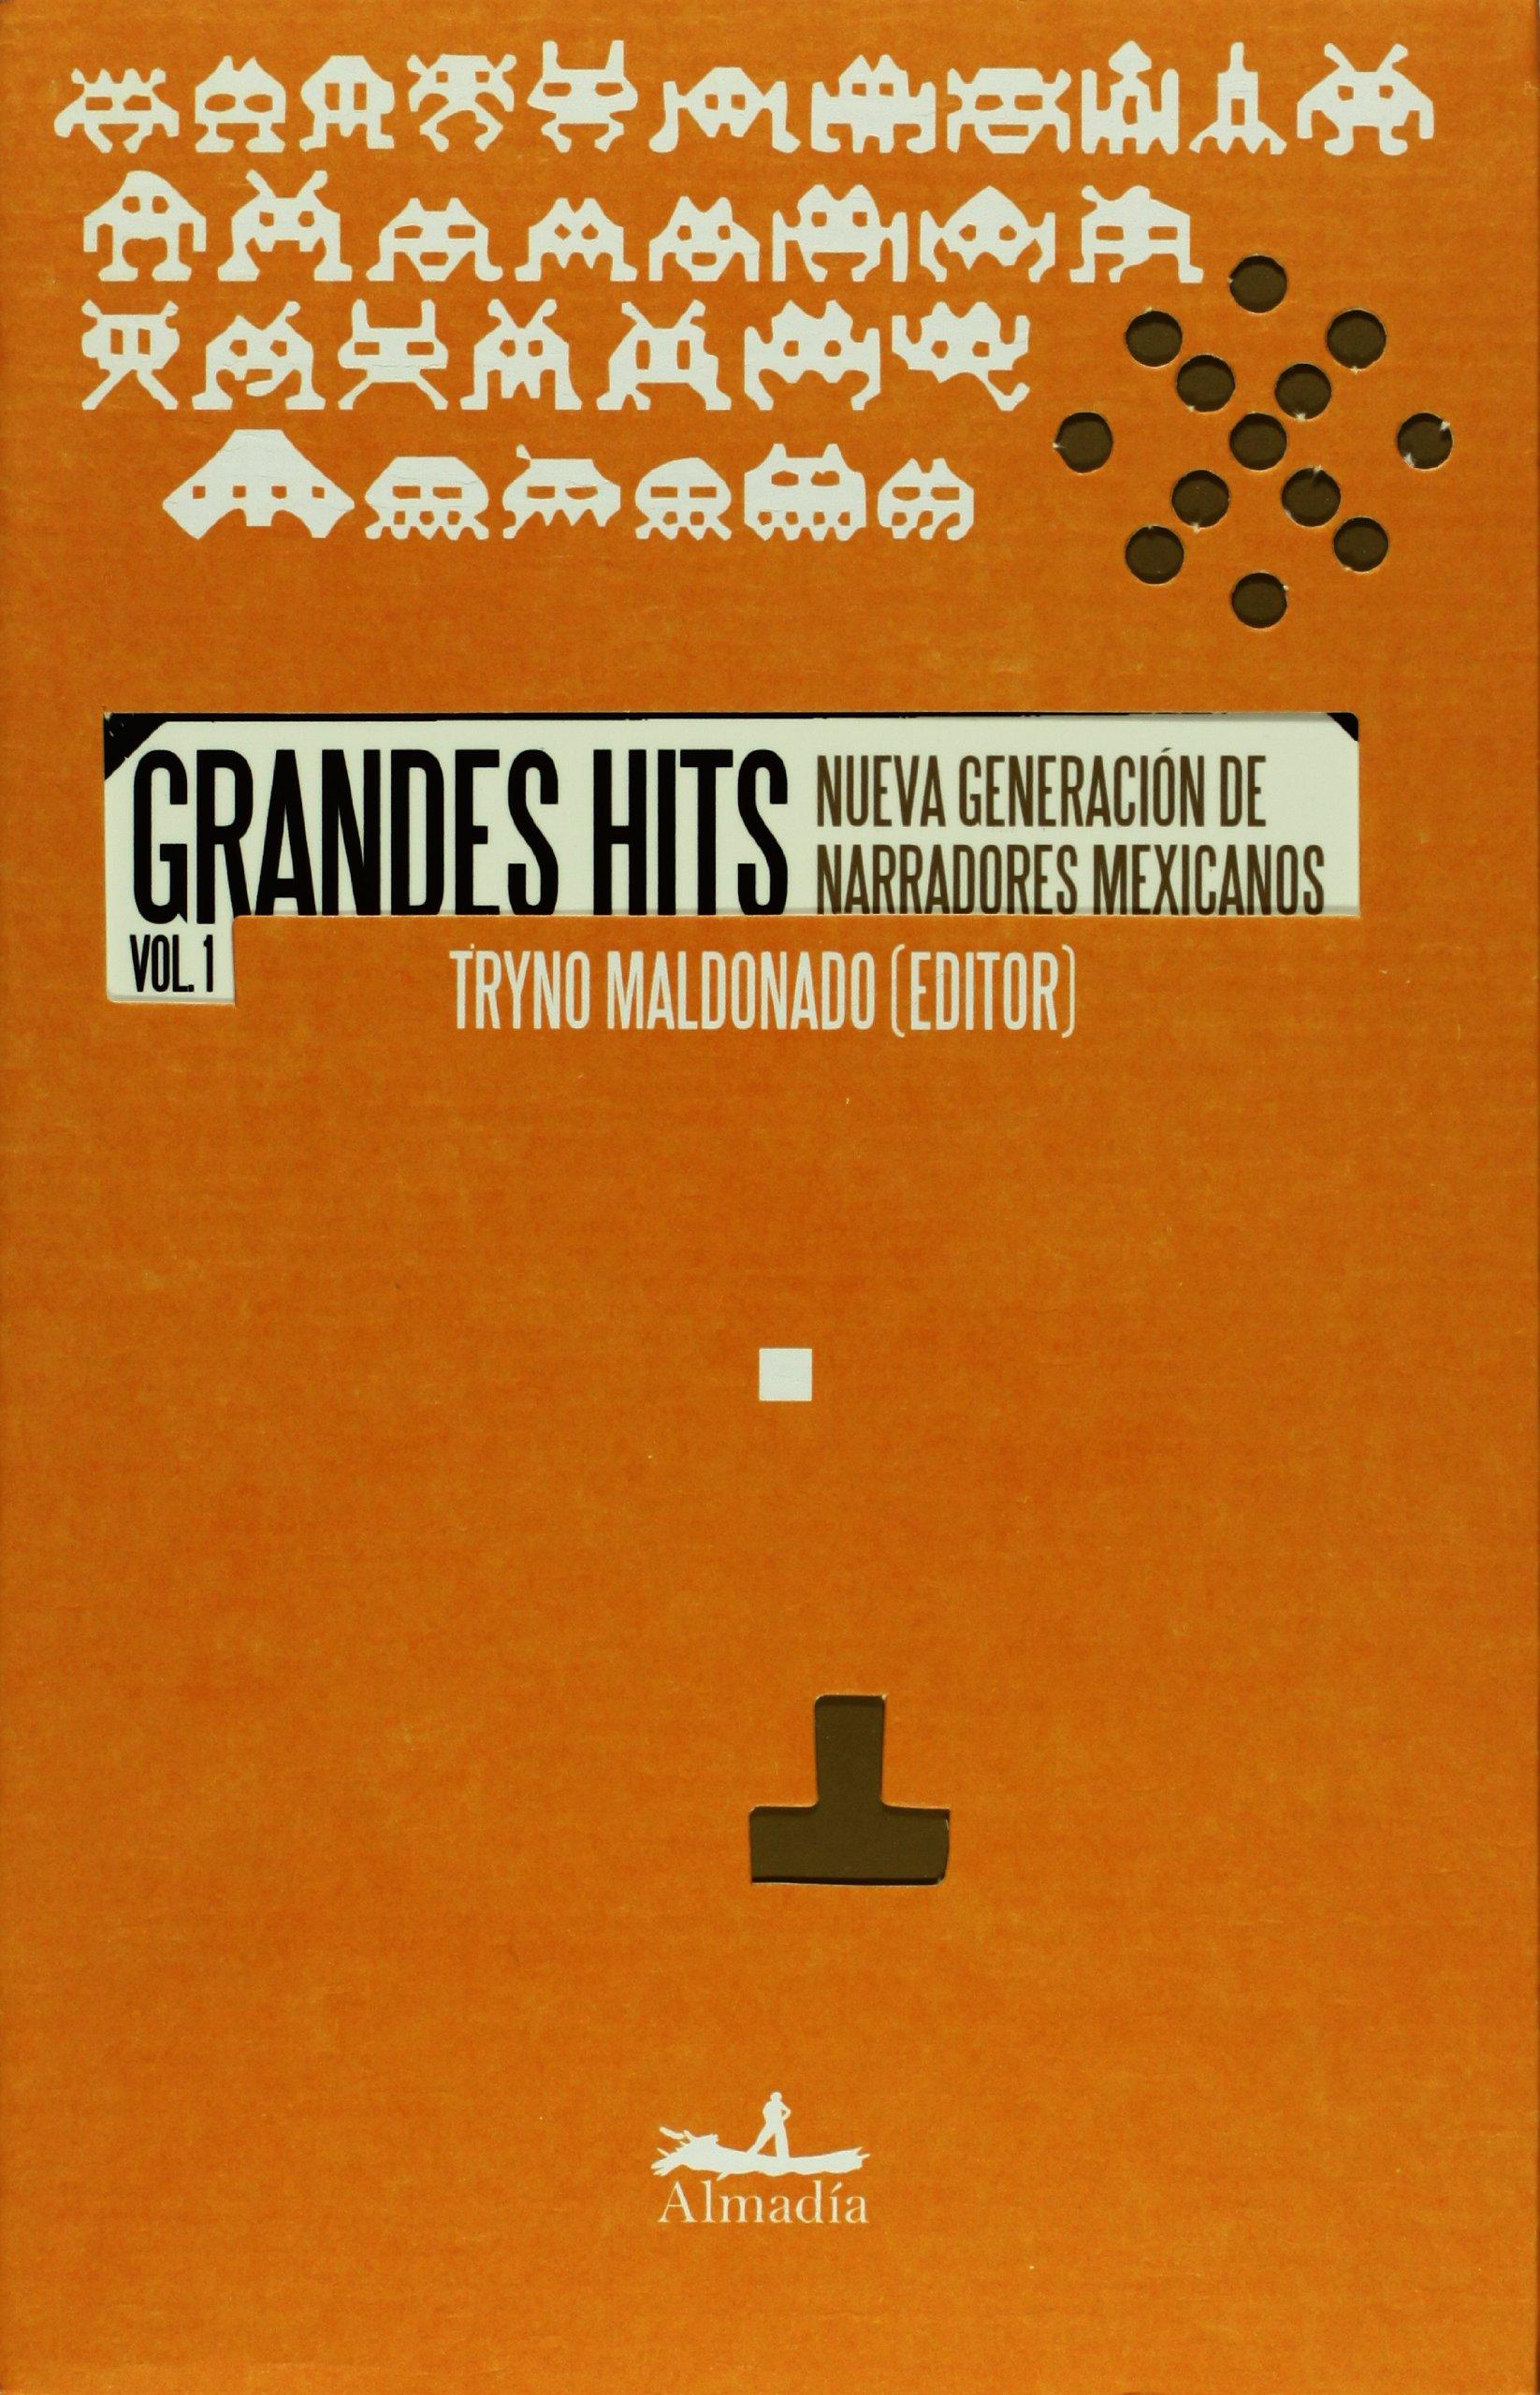 Grandes hits, nueva generacion de narradores mexicanos (Mar abierto/ Open Sea) (Spanish Edition): Tryno Maldonado: 9789709854442: Amazon.com: Books